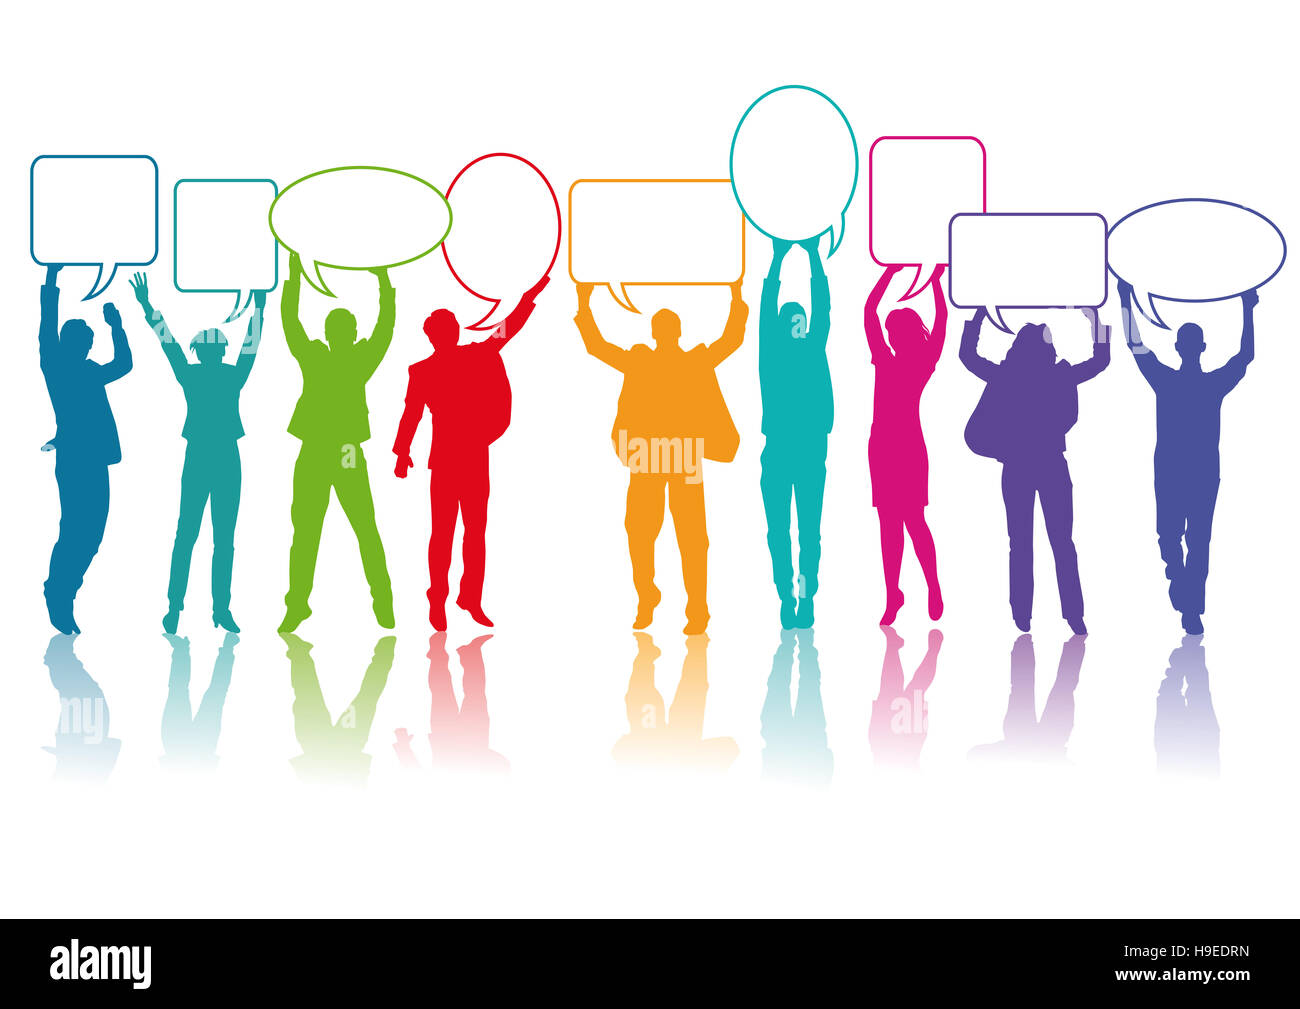 La gente se comunica, habla, charla Imagen De Stock